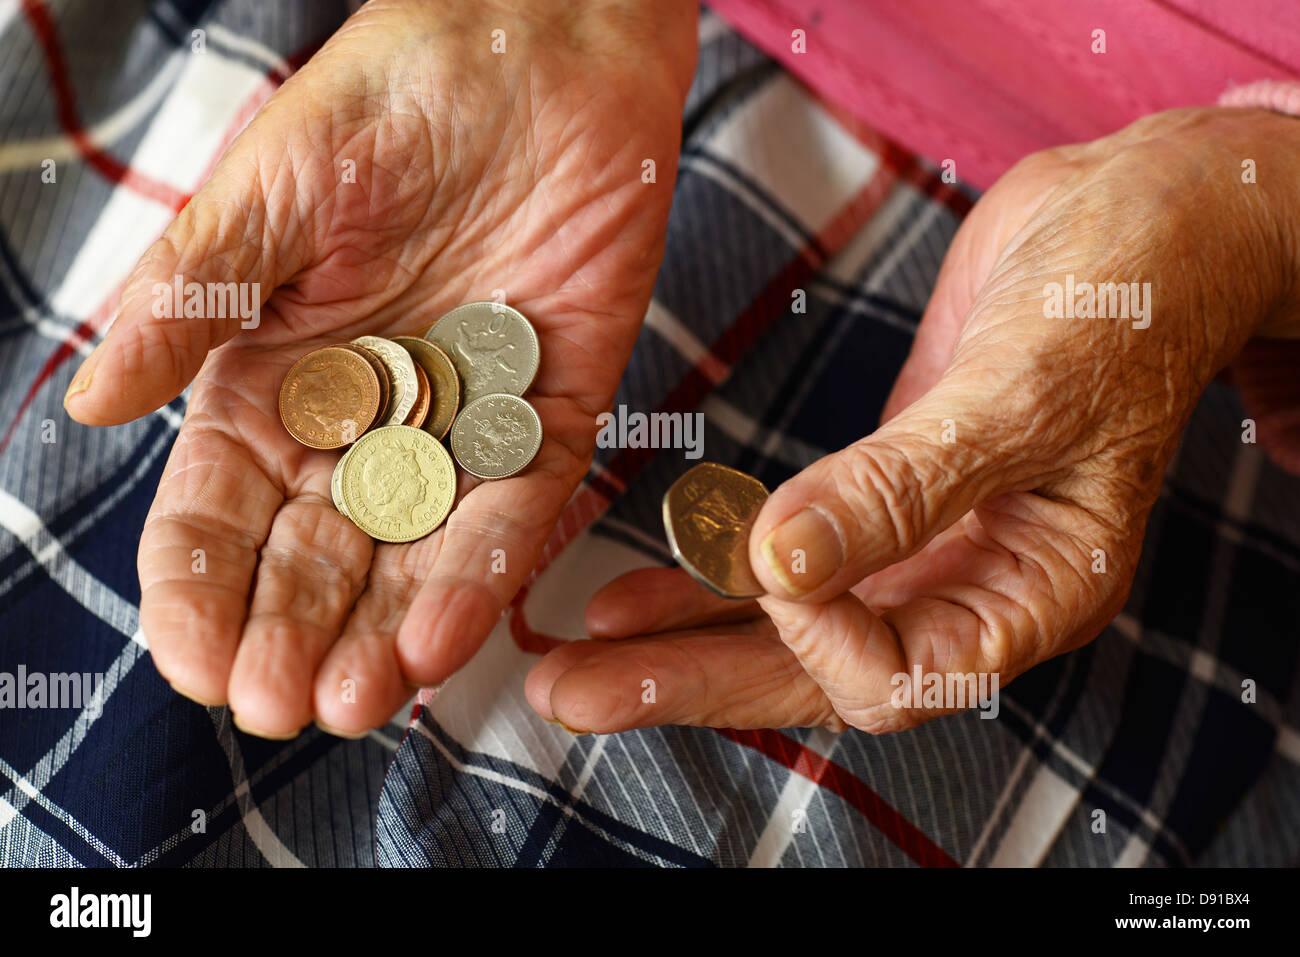 Soldi, monete in una donna anziana con le mani in mano, close up di denaro contante nelle mani della donna anziana Foto Stock